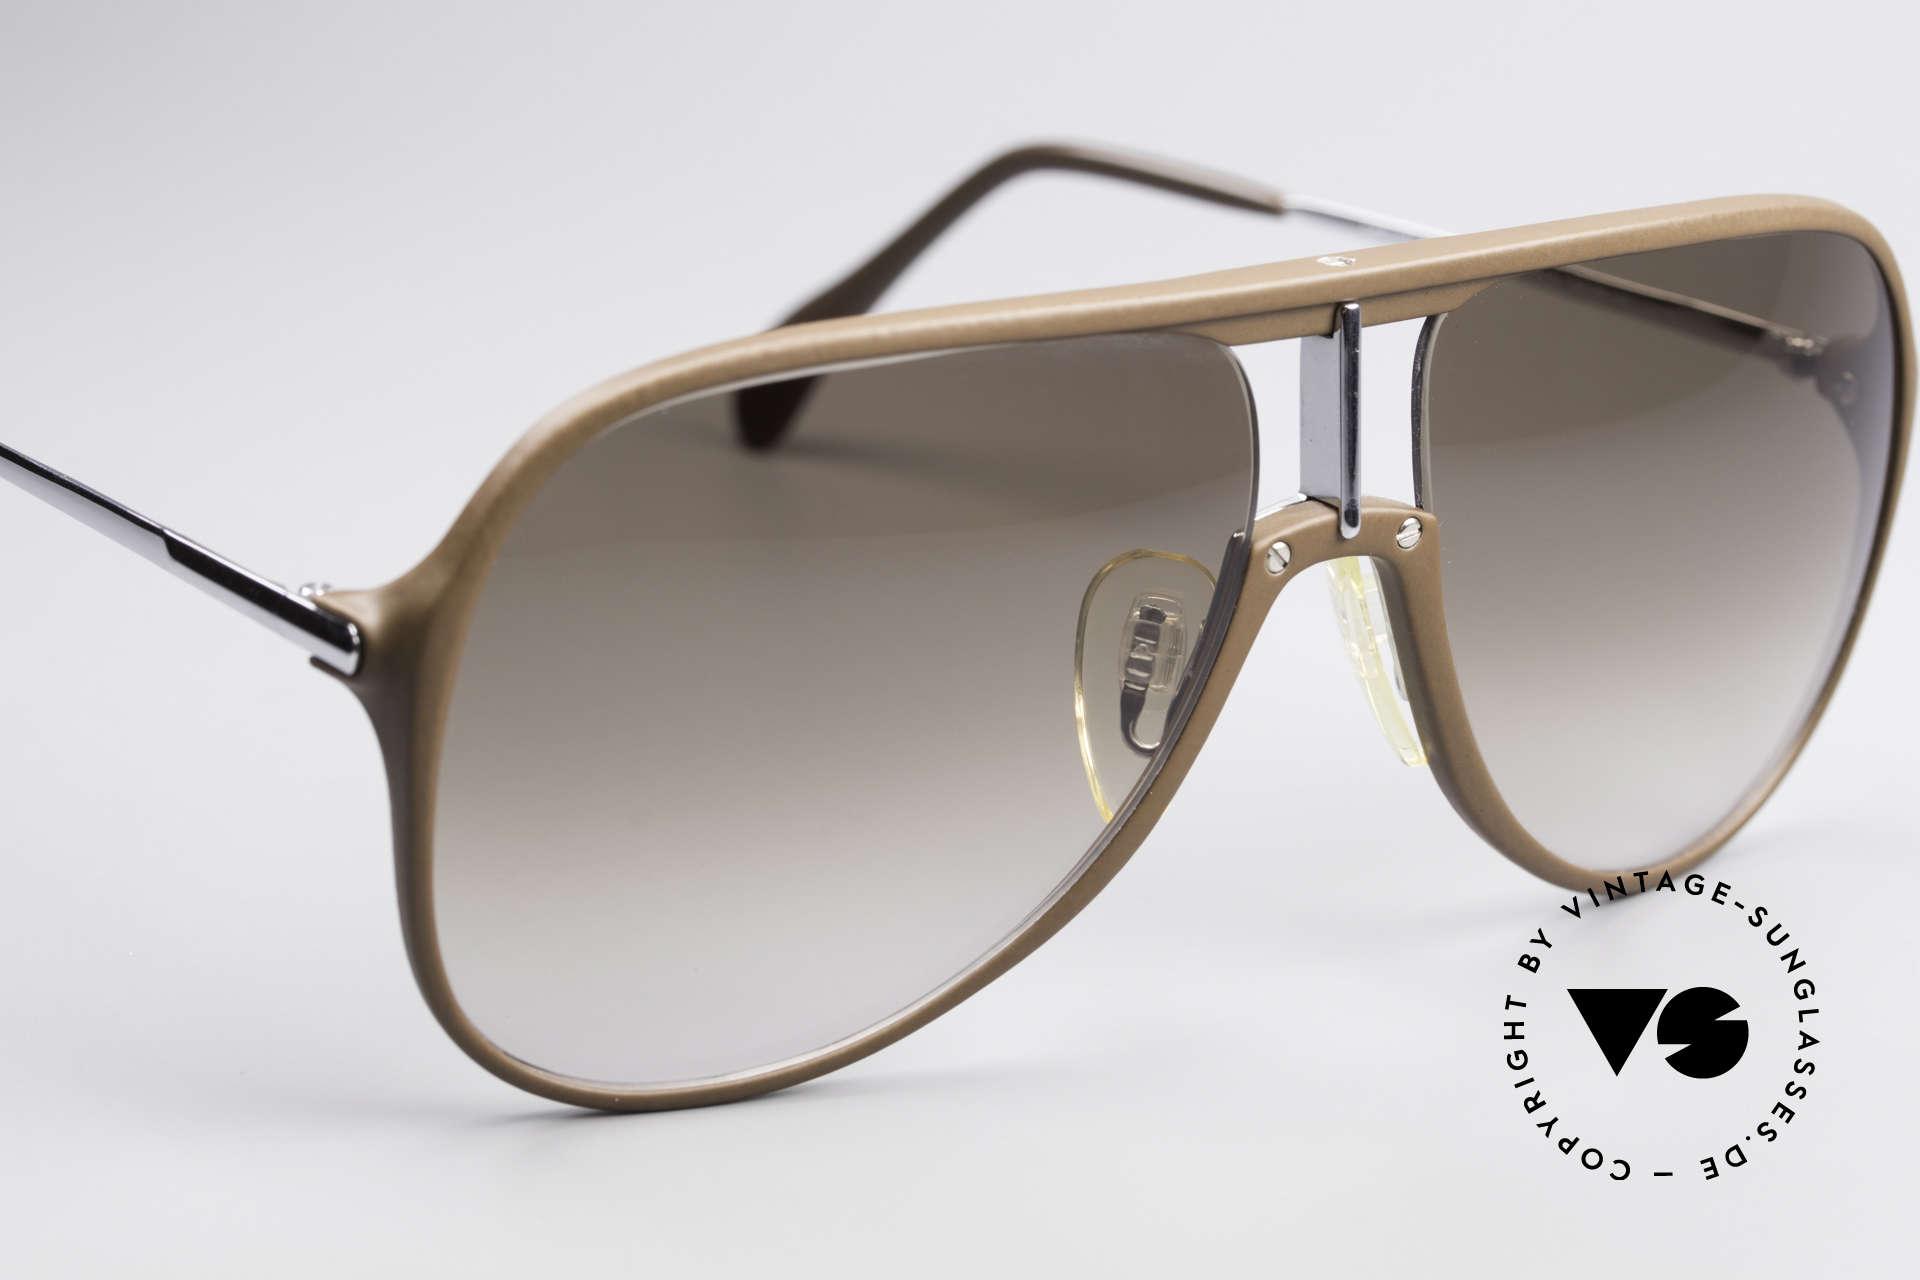 Menrad 727 80er Sonnenbrille Herren, KEINE Retromode, sondern ein 80er Jahre ORIGINAL!, Passend für Herren